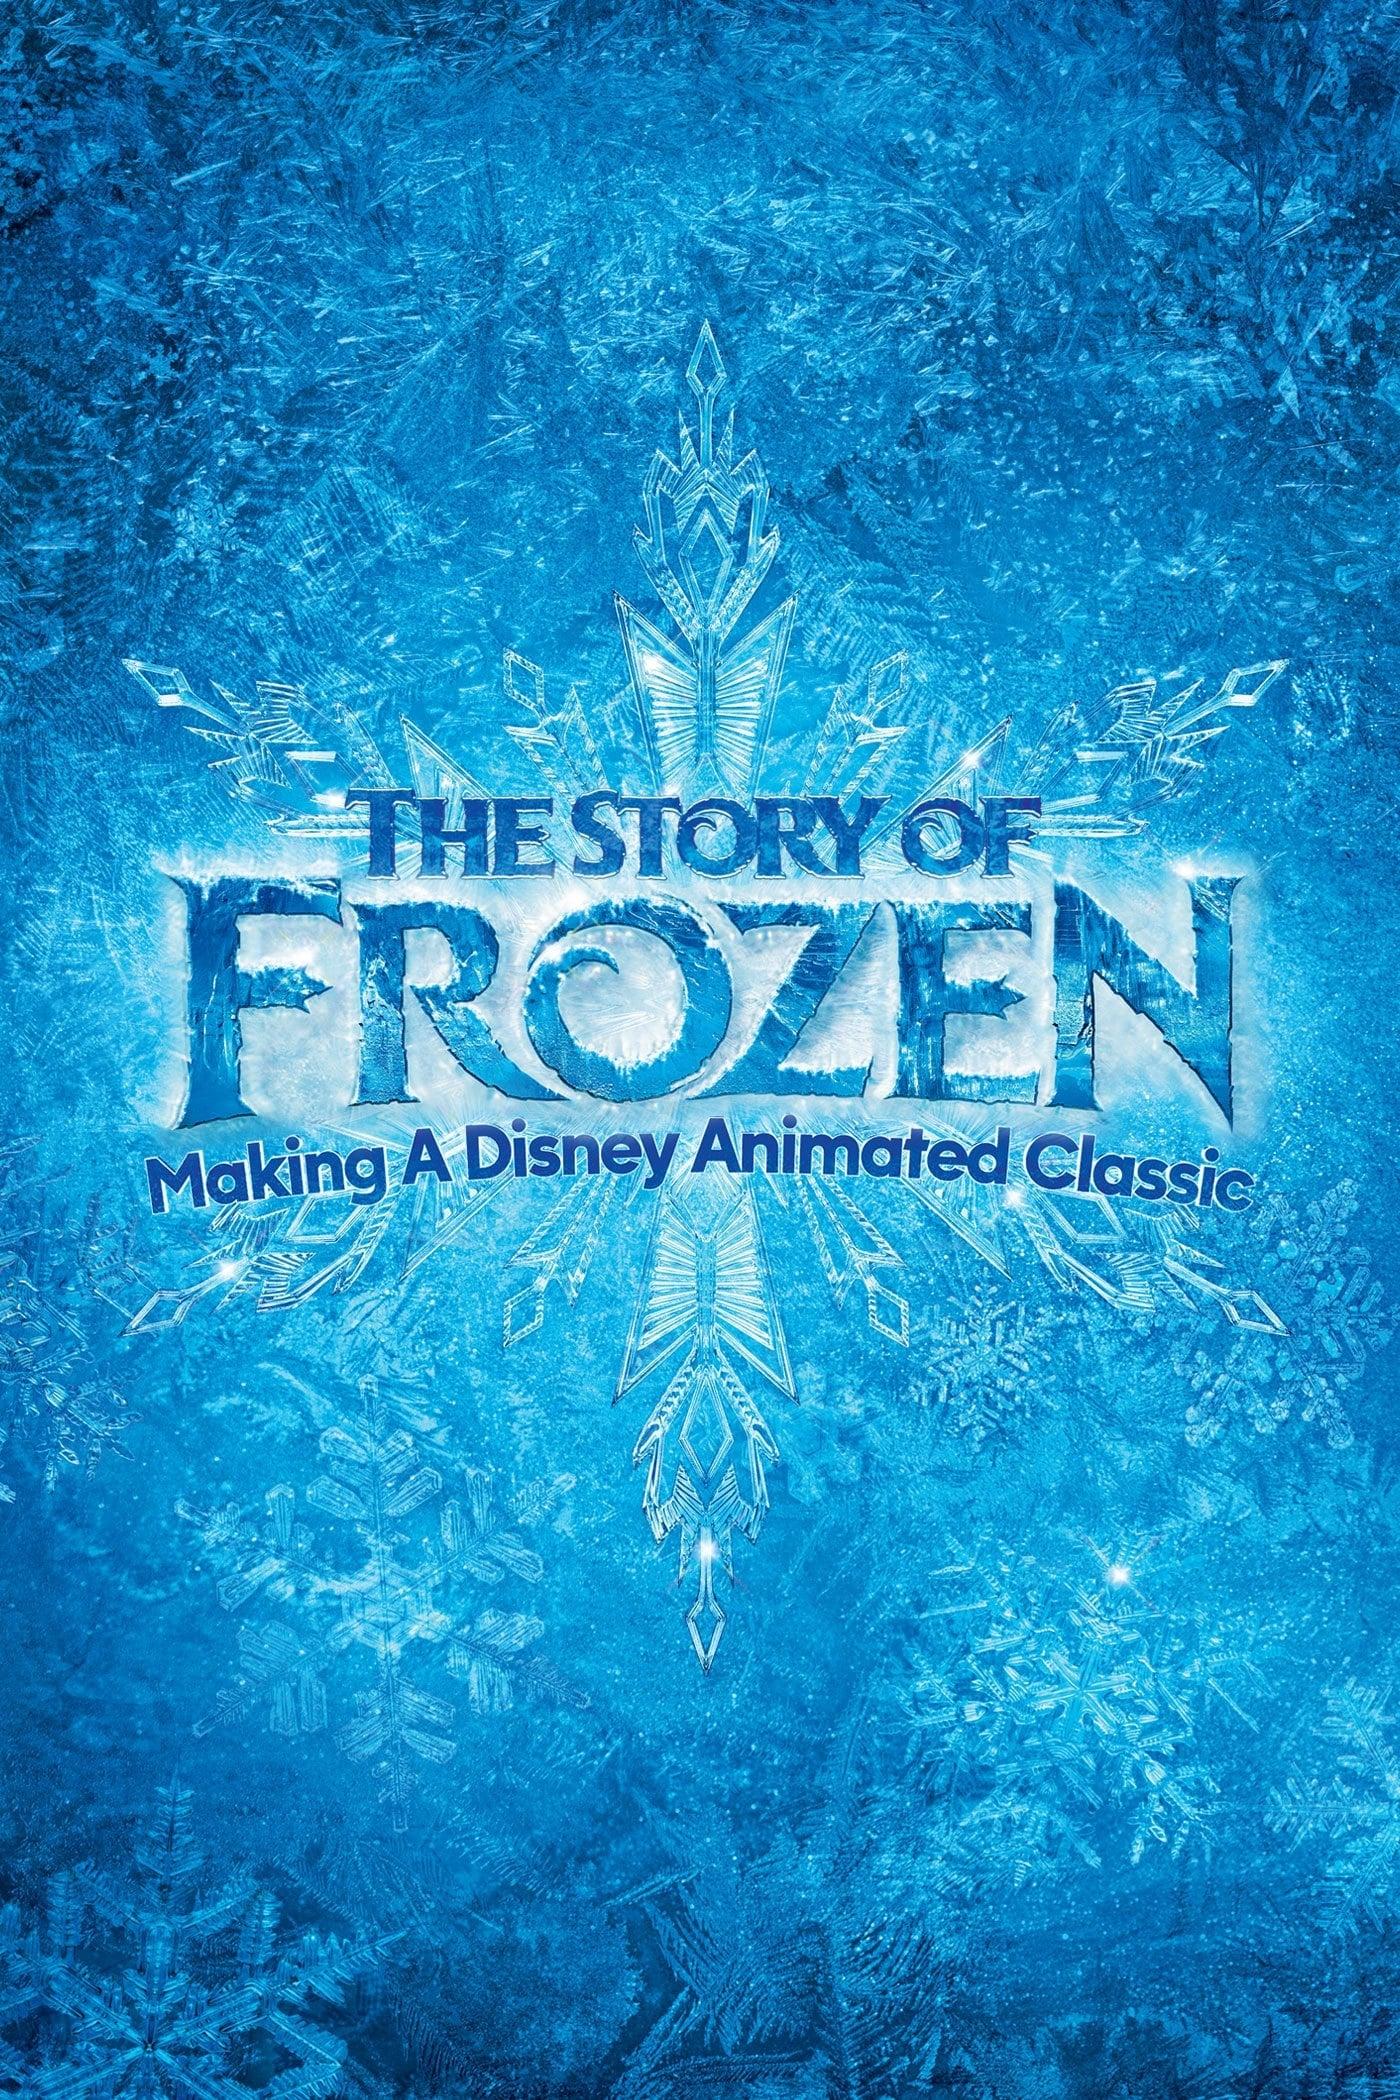 La historia de Frozen: creando un clásico de animación de Disney